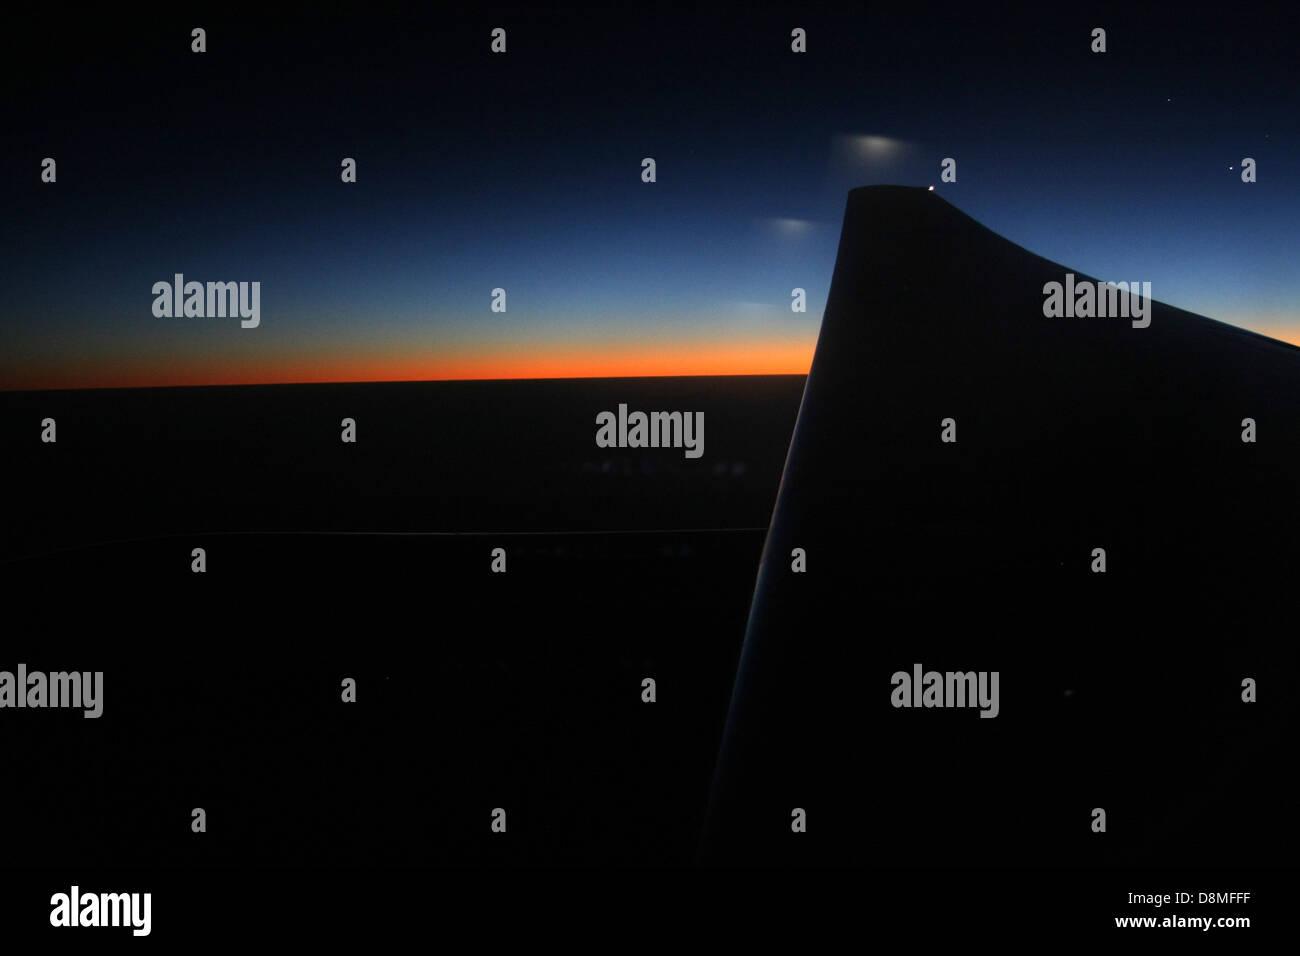 Blick bei Nacht aus einem Flugzeug Fenster, Sonnenuntergang und Flugzeug Flügelspitze Stockbild